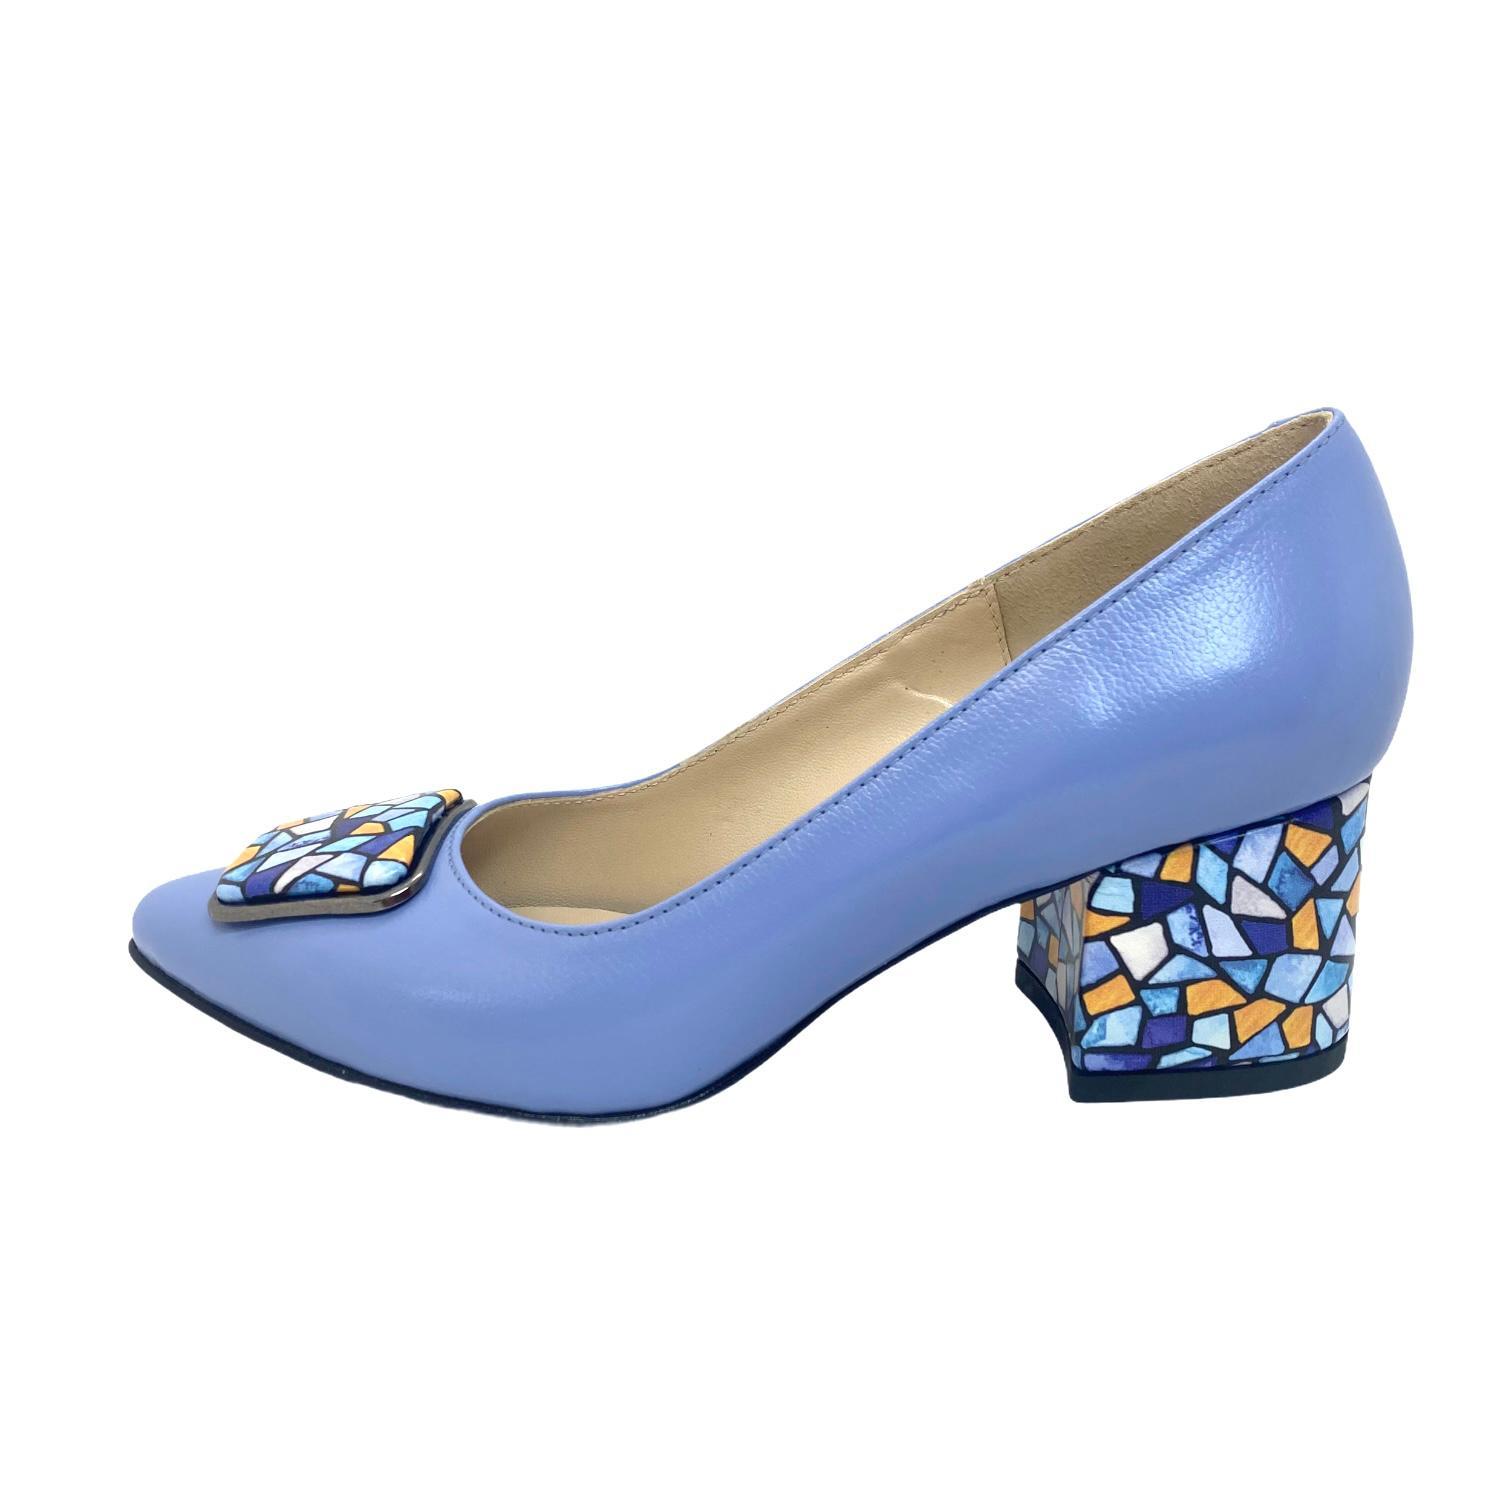 Pantofi lavanda cu accesoriu si toc cu model colorat